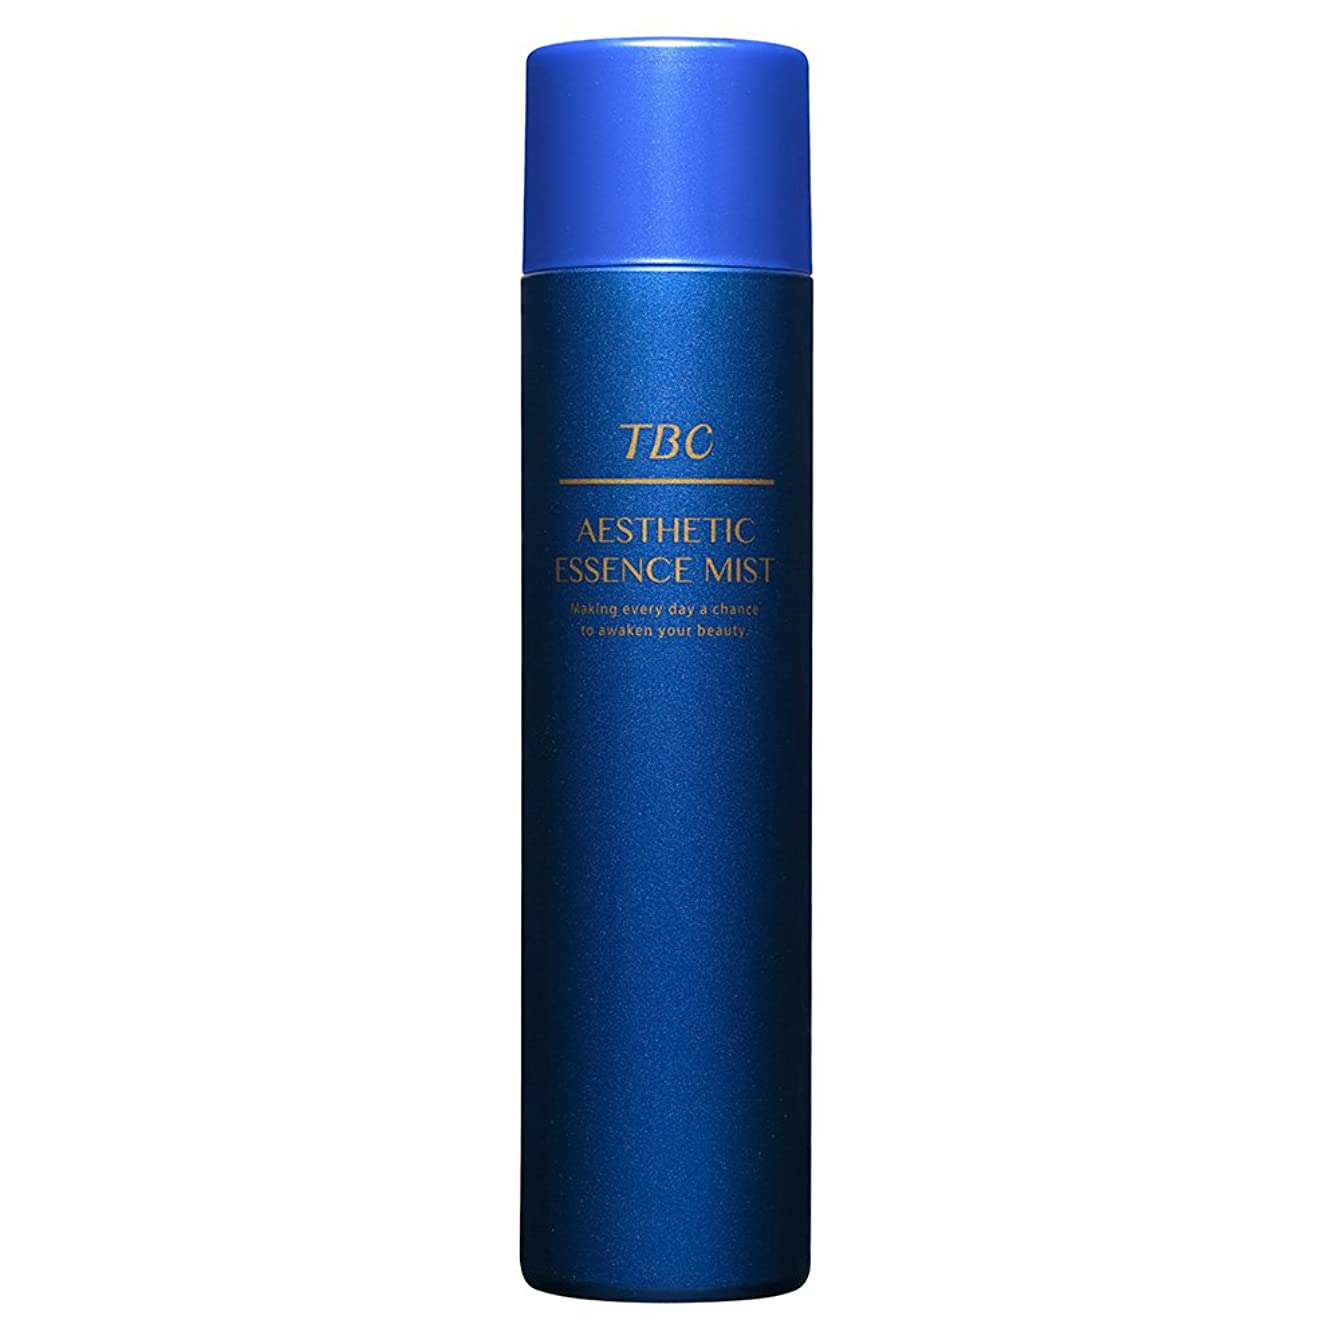 フィッティング極小フィヨルドTBC エステティックエッセンスミスト 化粧水/炭酸ミスト/美容液/スプレータイプ/エステ